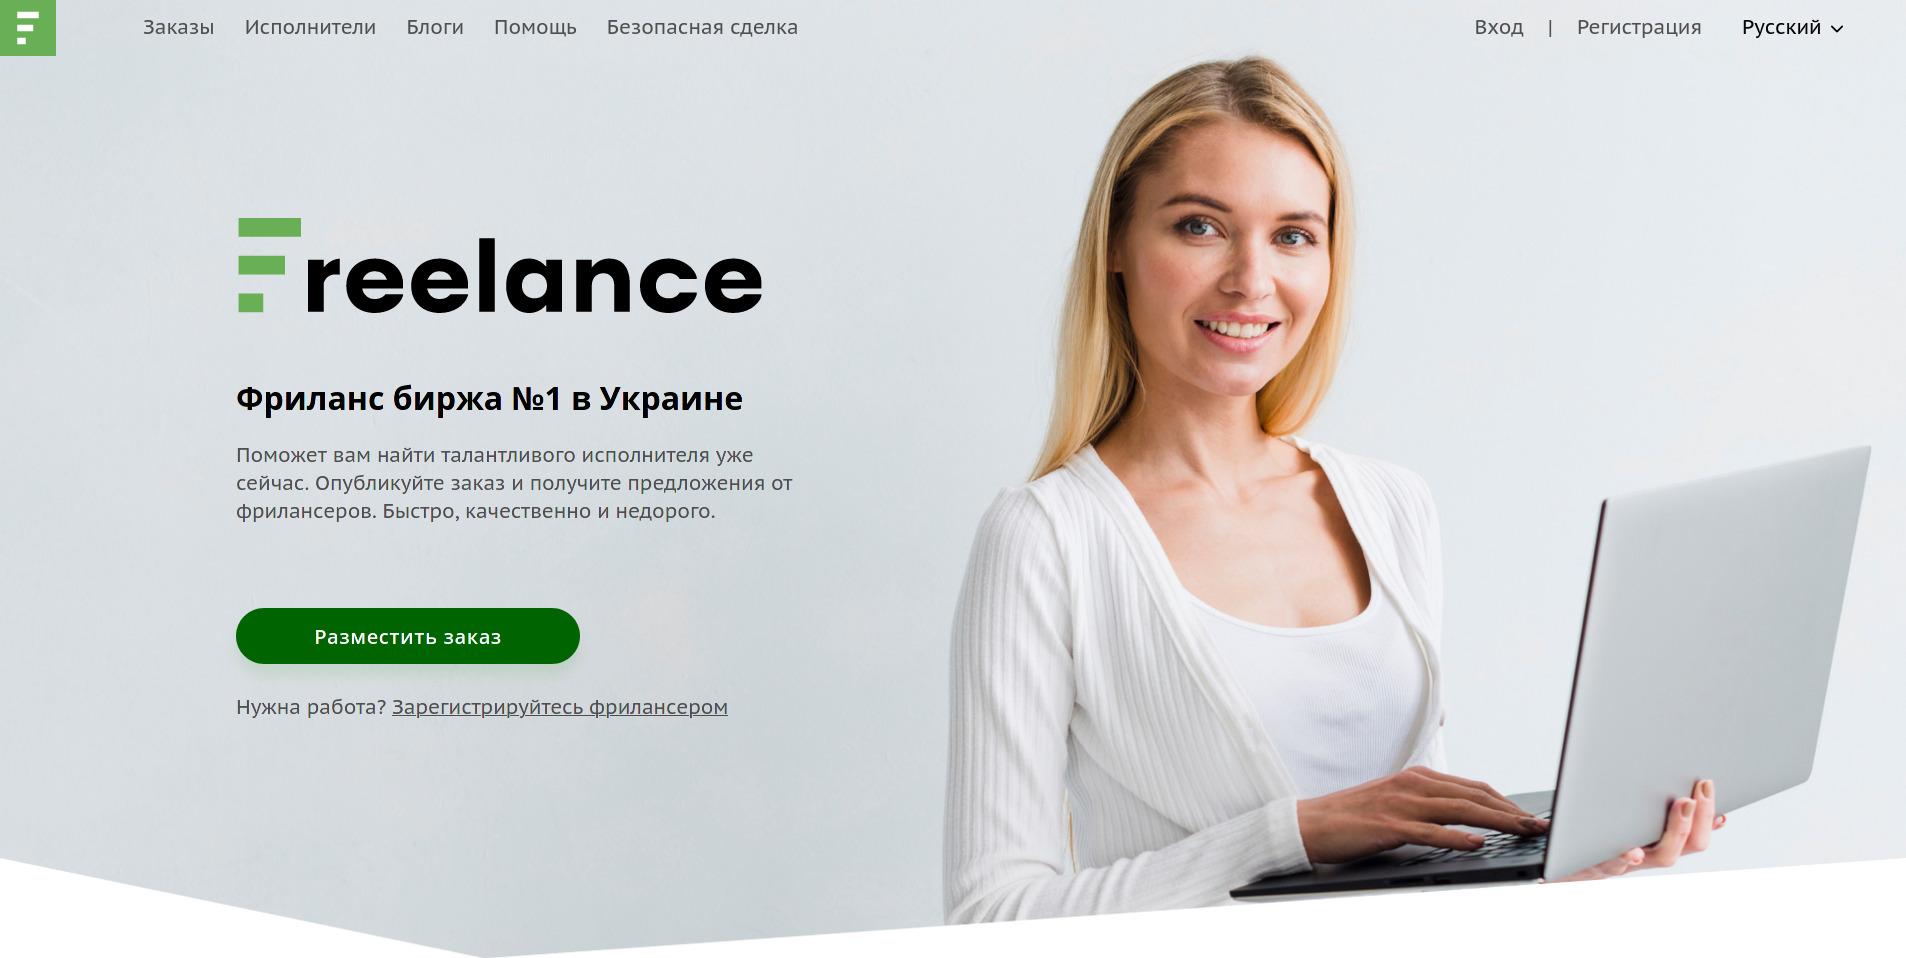 Screenshot_2021-03-06 Freelance Украина - лучшая фриланс биржа в интернете Фрилансер, freelancer Киев.jpg